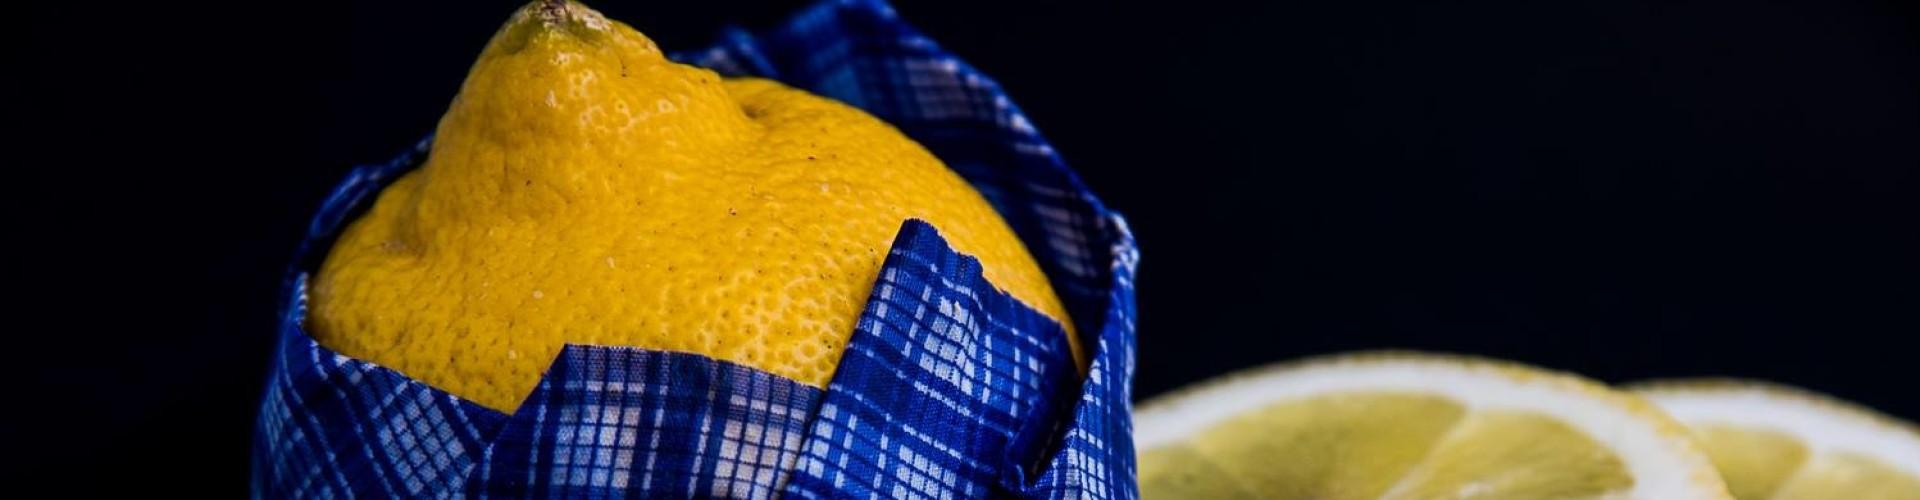 Bijenwasdoek alternatief voor vershoudfolie